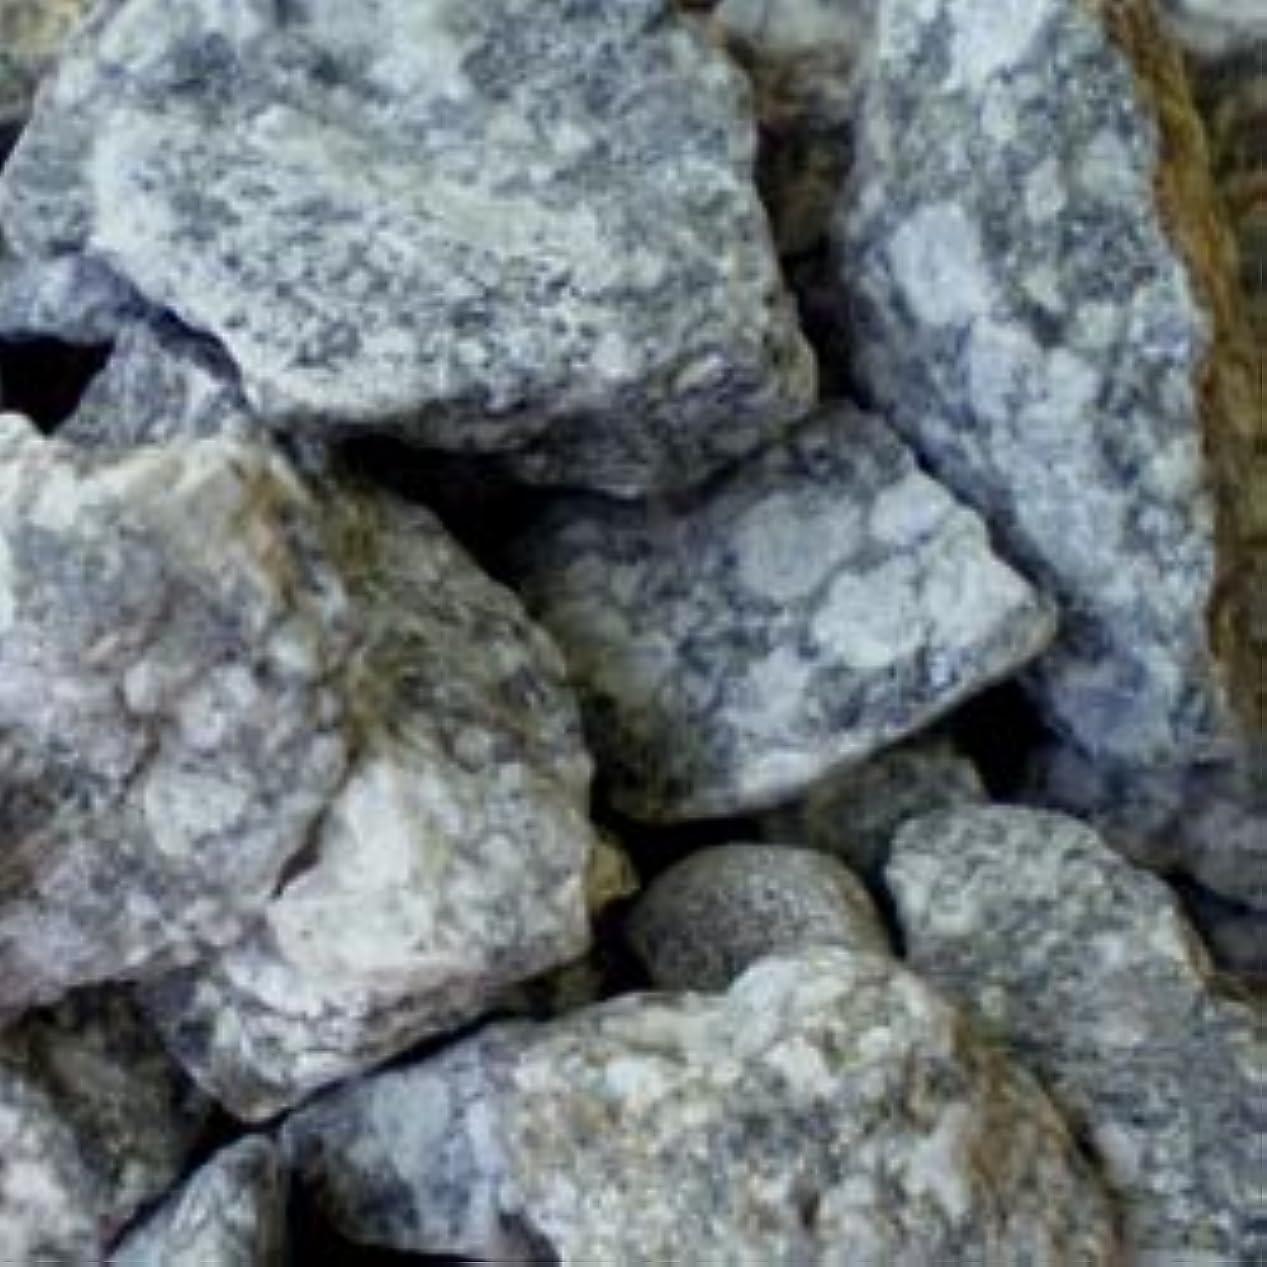 君主白鳥戸口麦飯石 原石 2000g(サイズ10-30mm) (1000g/2袋セット)